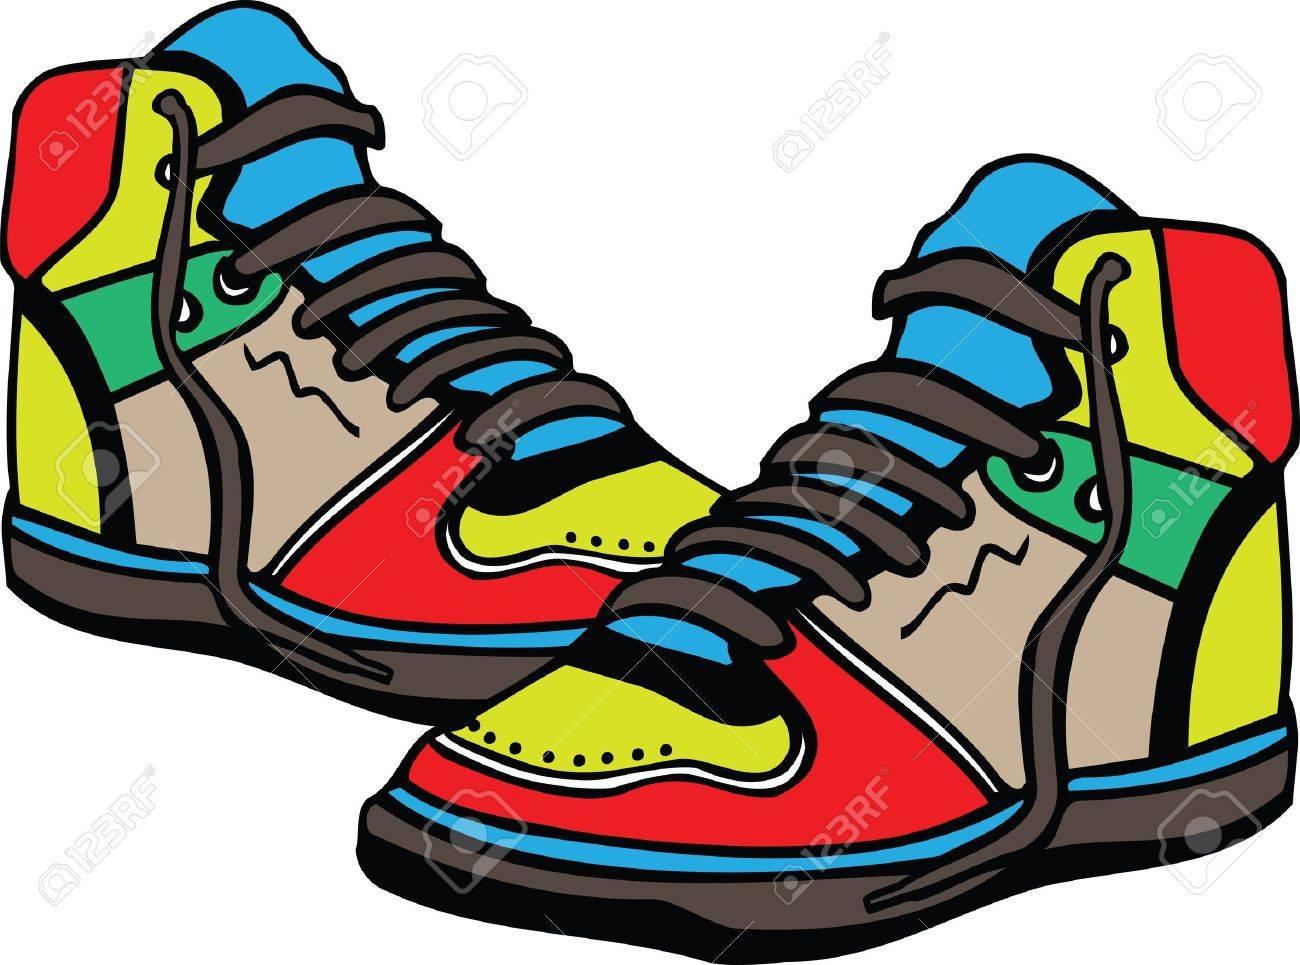 Les chaussures de sport illustration Banque d'images - 15689704